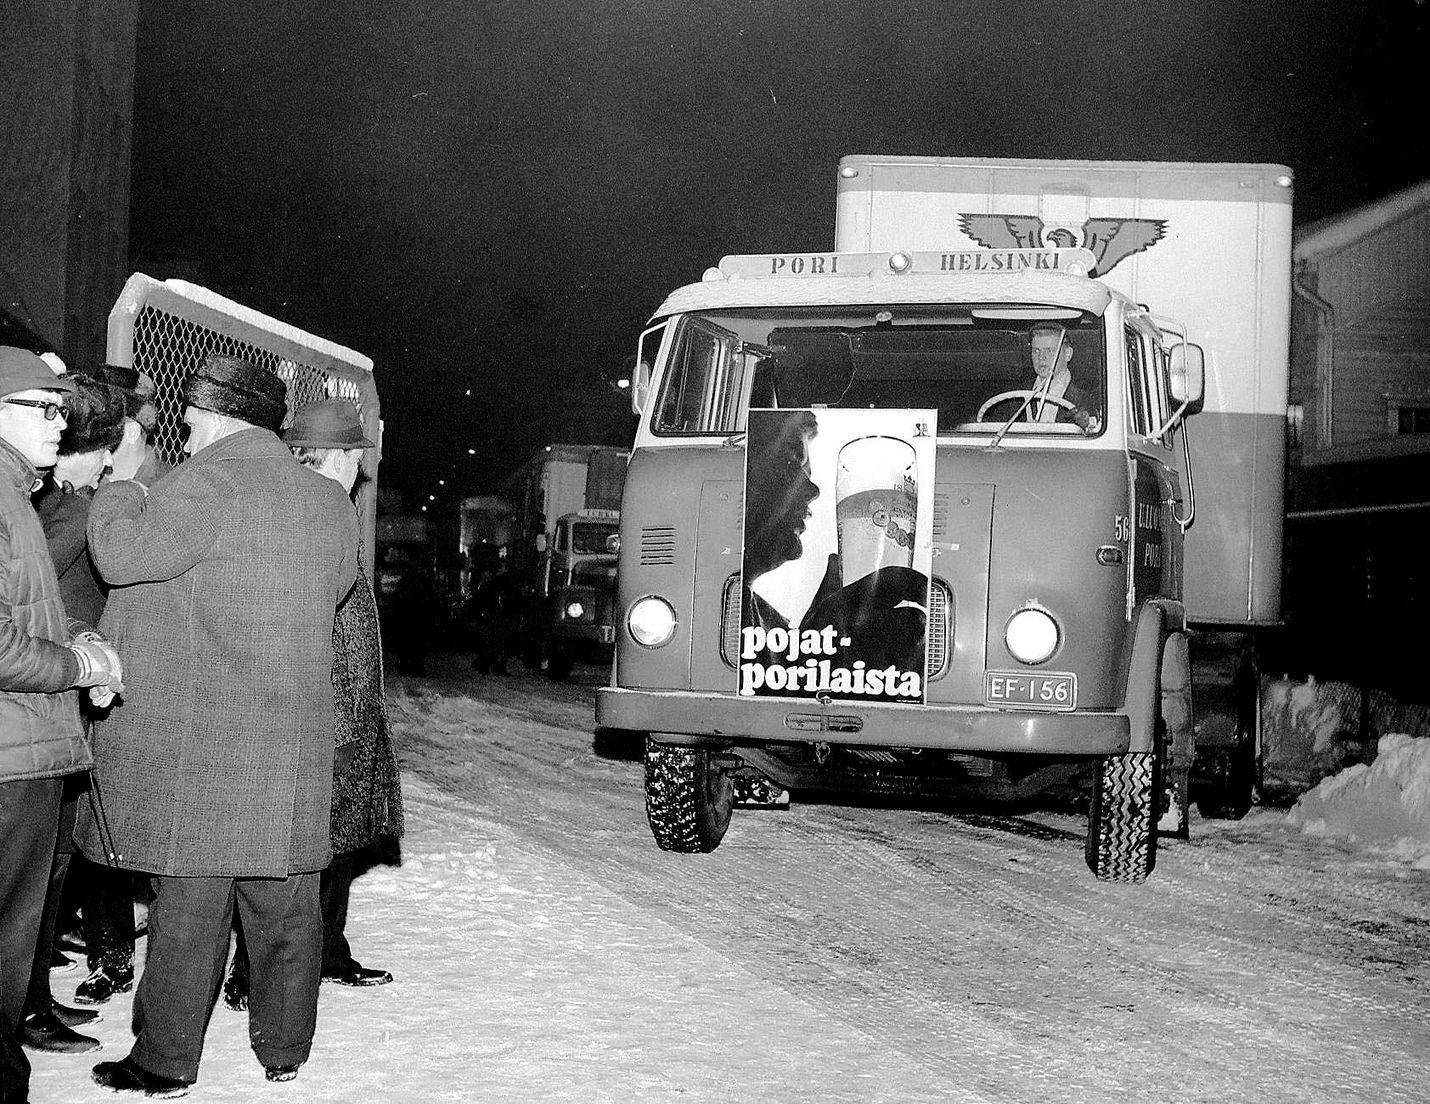 """Keskioluen vapauttaminen vuonna 1969 oli suuri muutos suomalaisessa olutkulttuurissa. Porissa oluttehtaan portille kerääntyi kansaa katsomaan, kun rekkaletka lähti kuljettamaan """"porilaista"""" ruokakauppoihin eri puolille maata."""